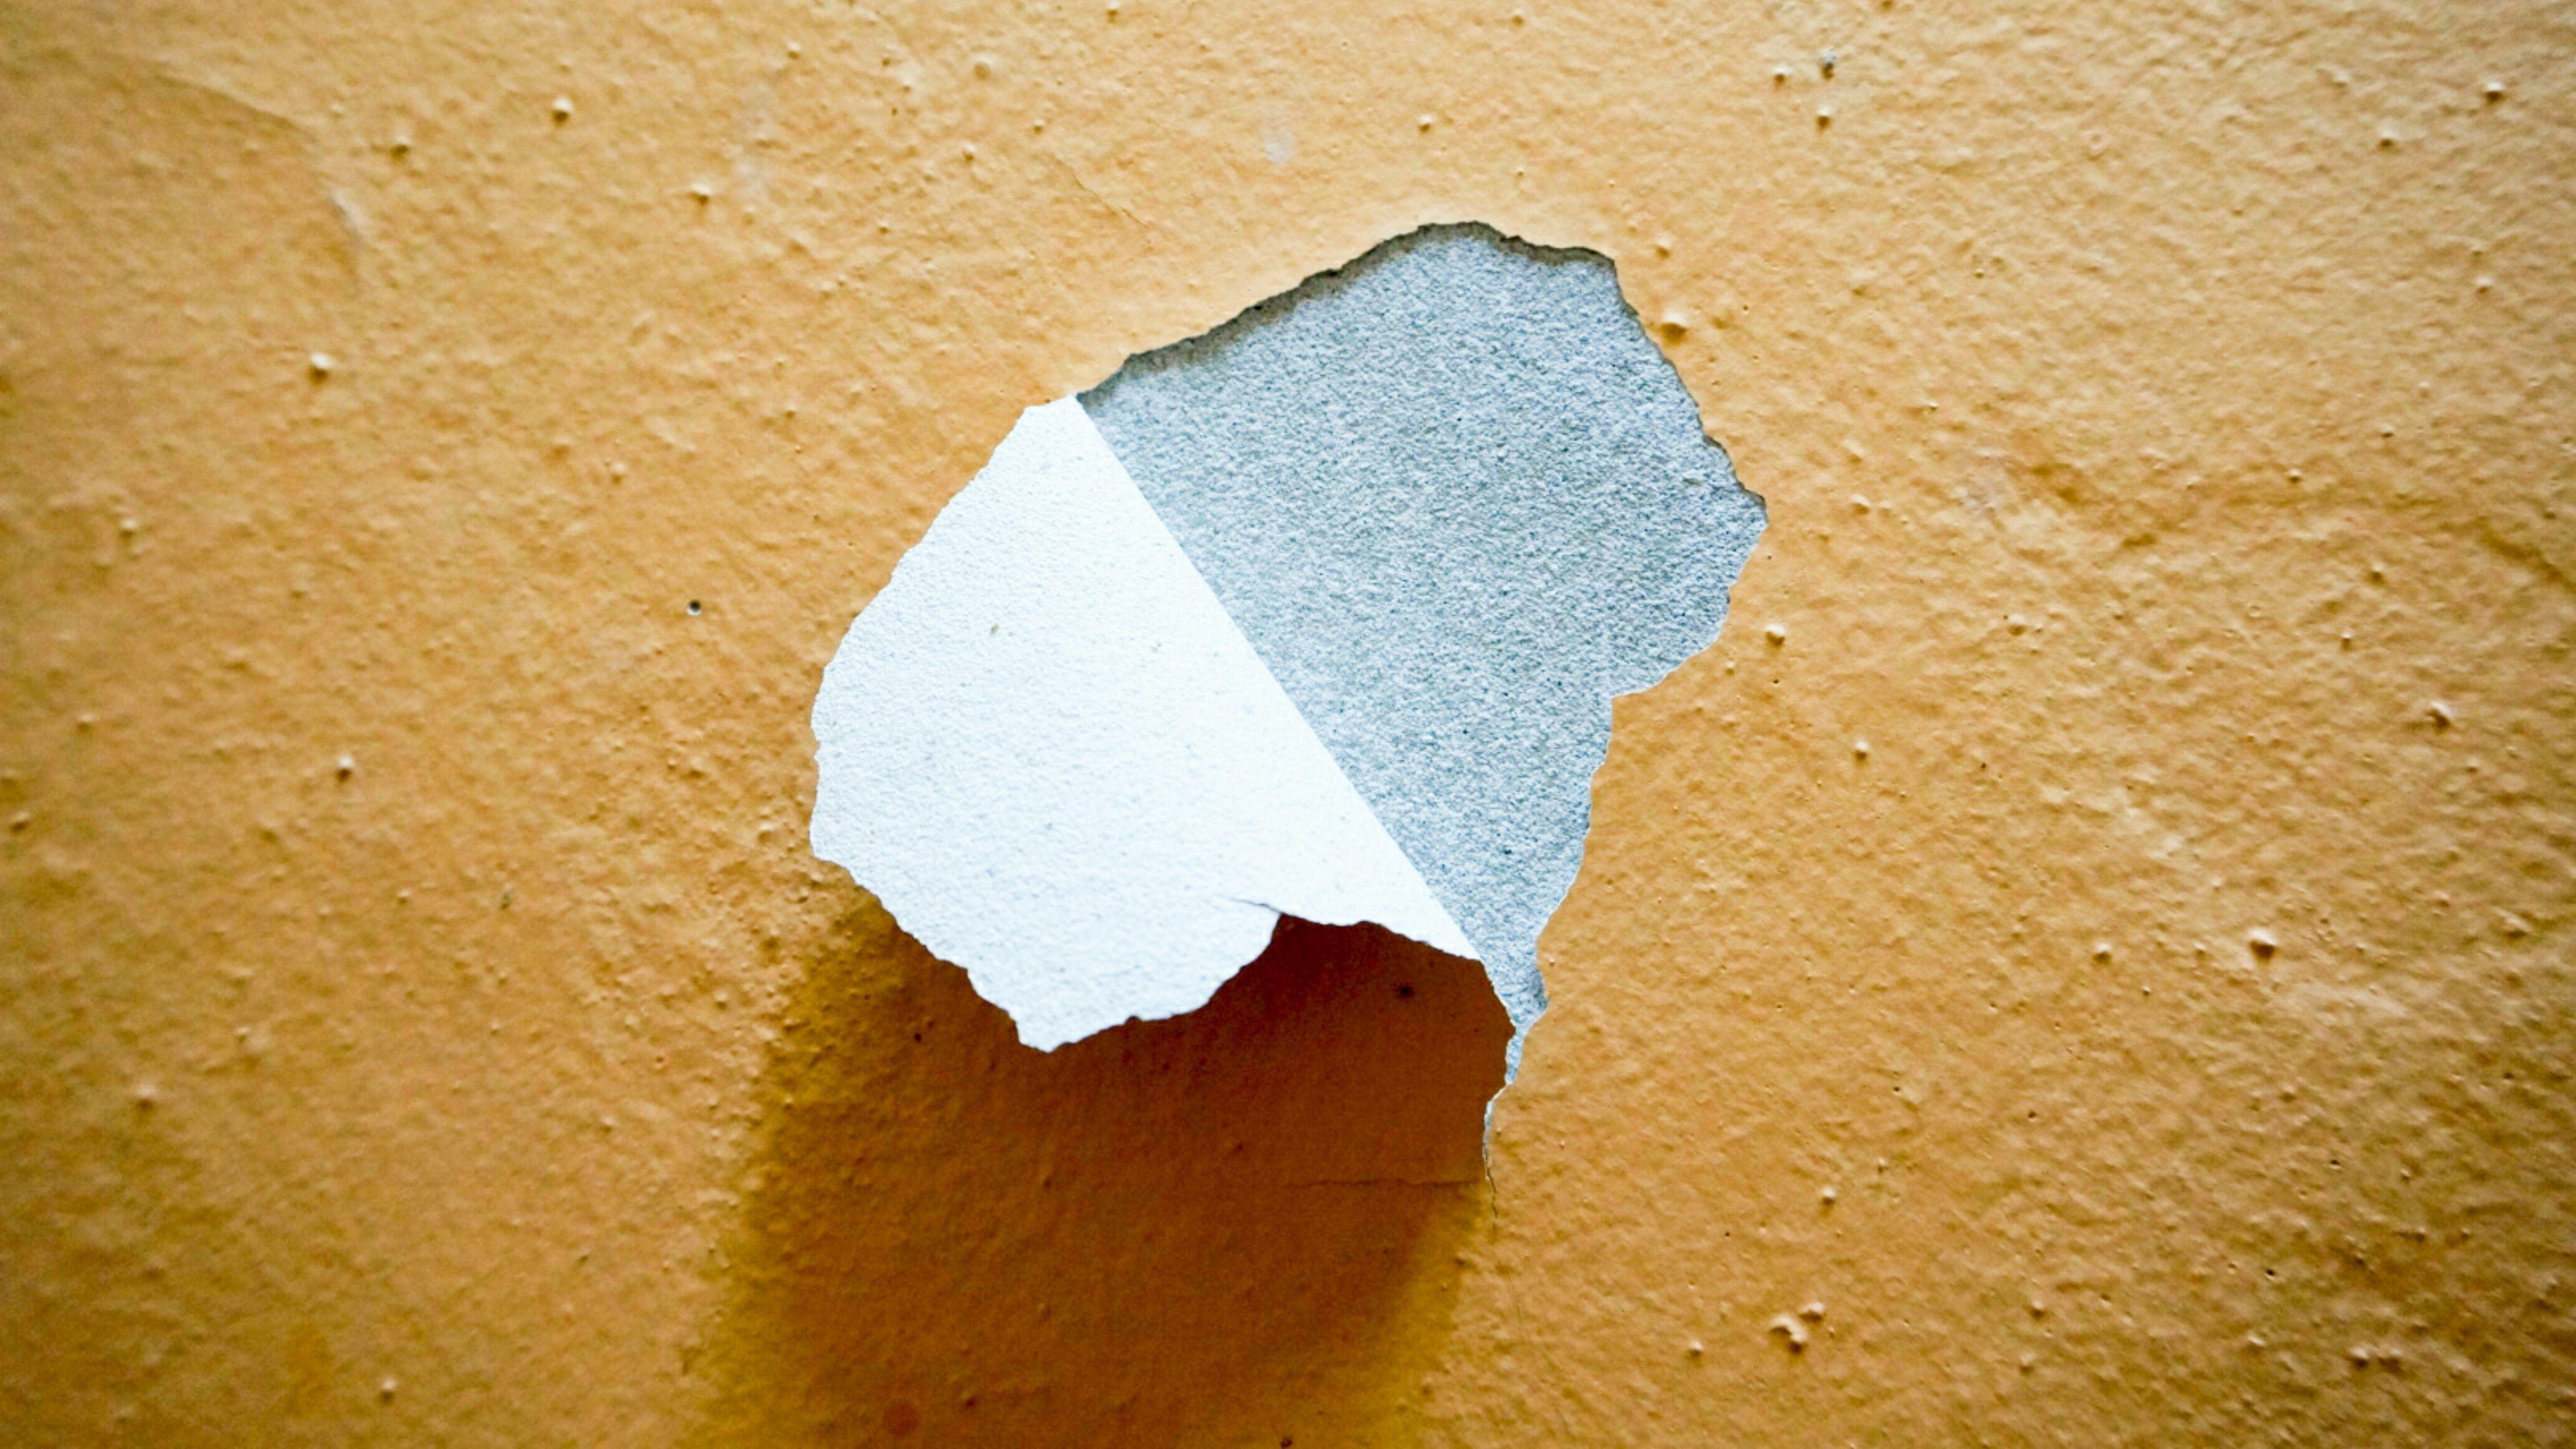 Pittura che si stacca: perché e come evitarlo